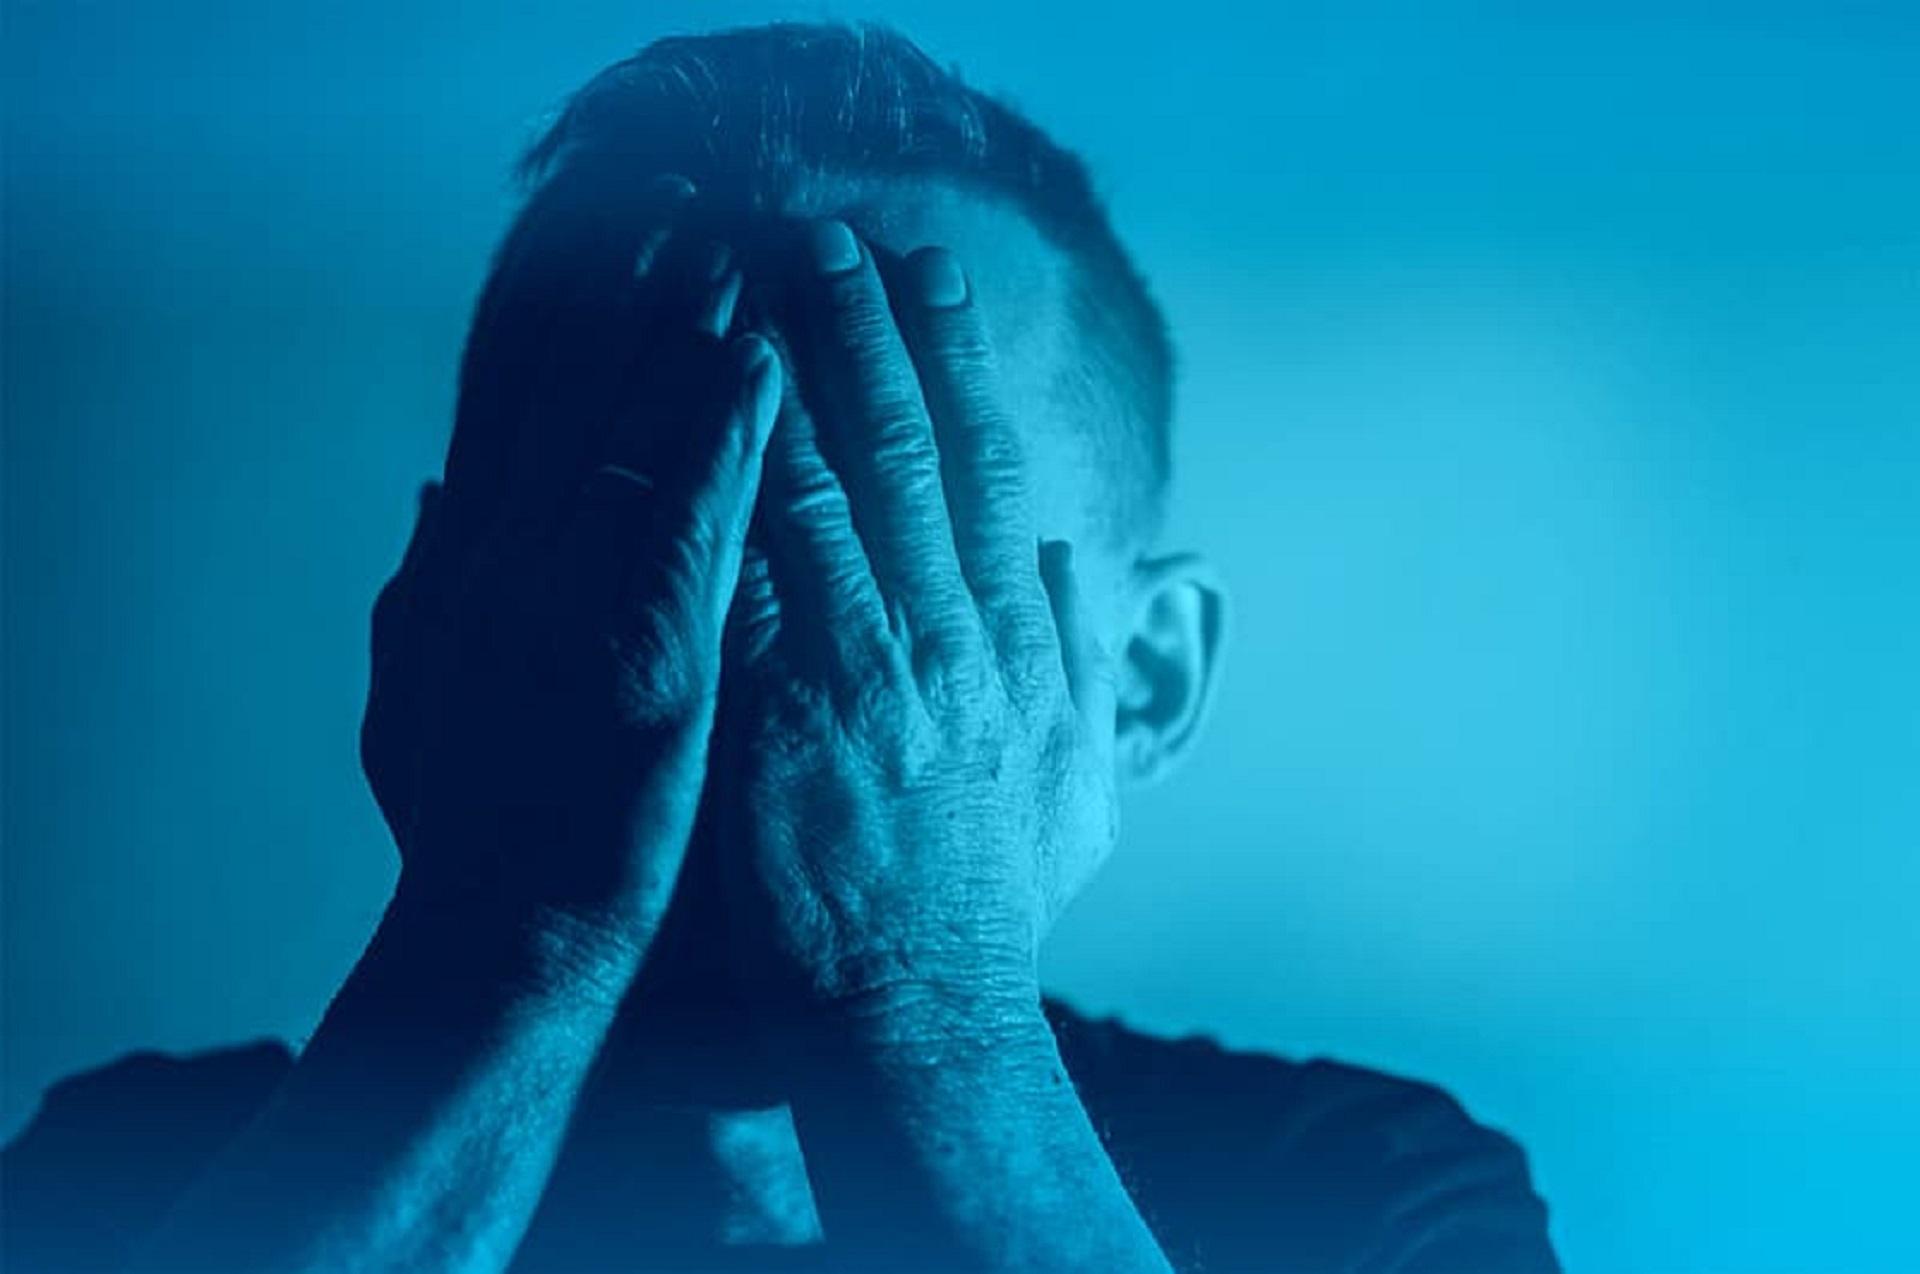 Personas con depresión